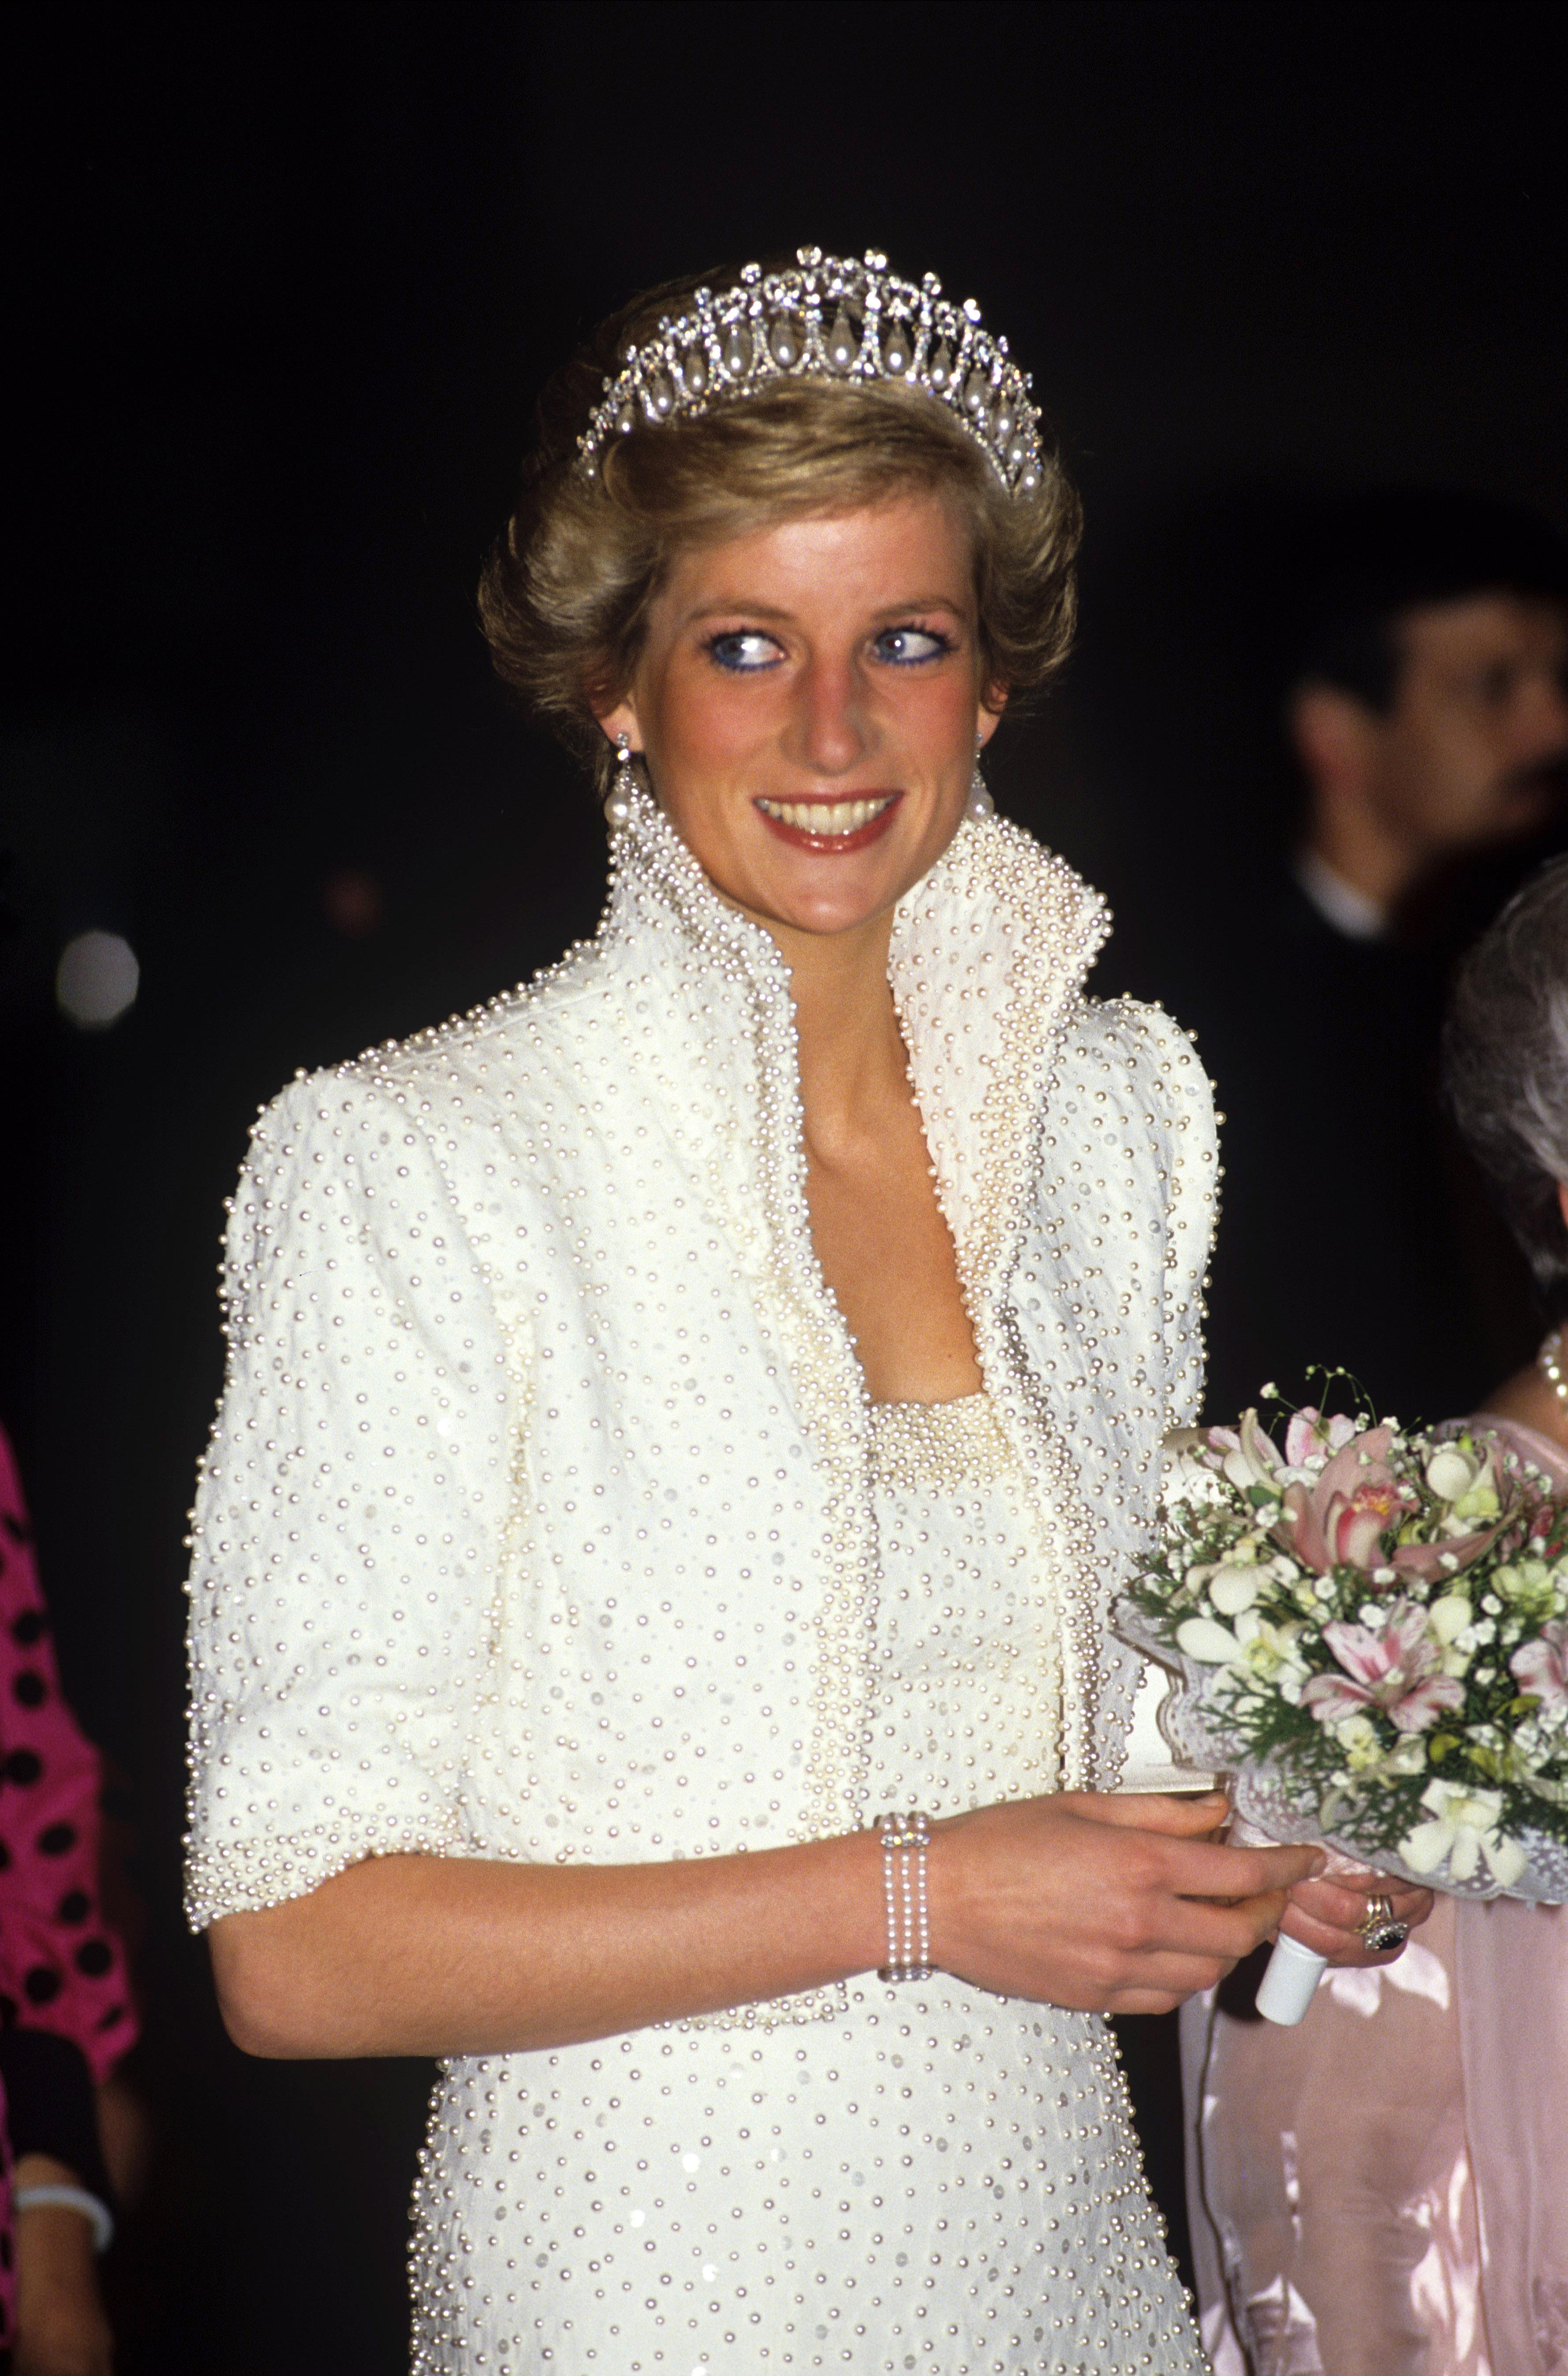 Princess DianaPRINCESS DIANA AND PRINCE CHARLES TOUR OF HONG KONG - November 1989